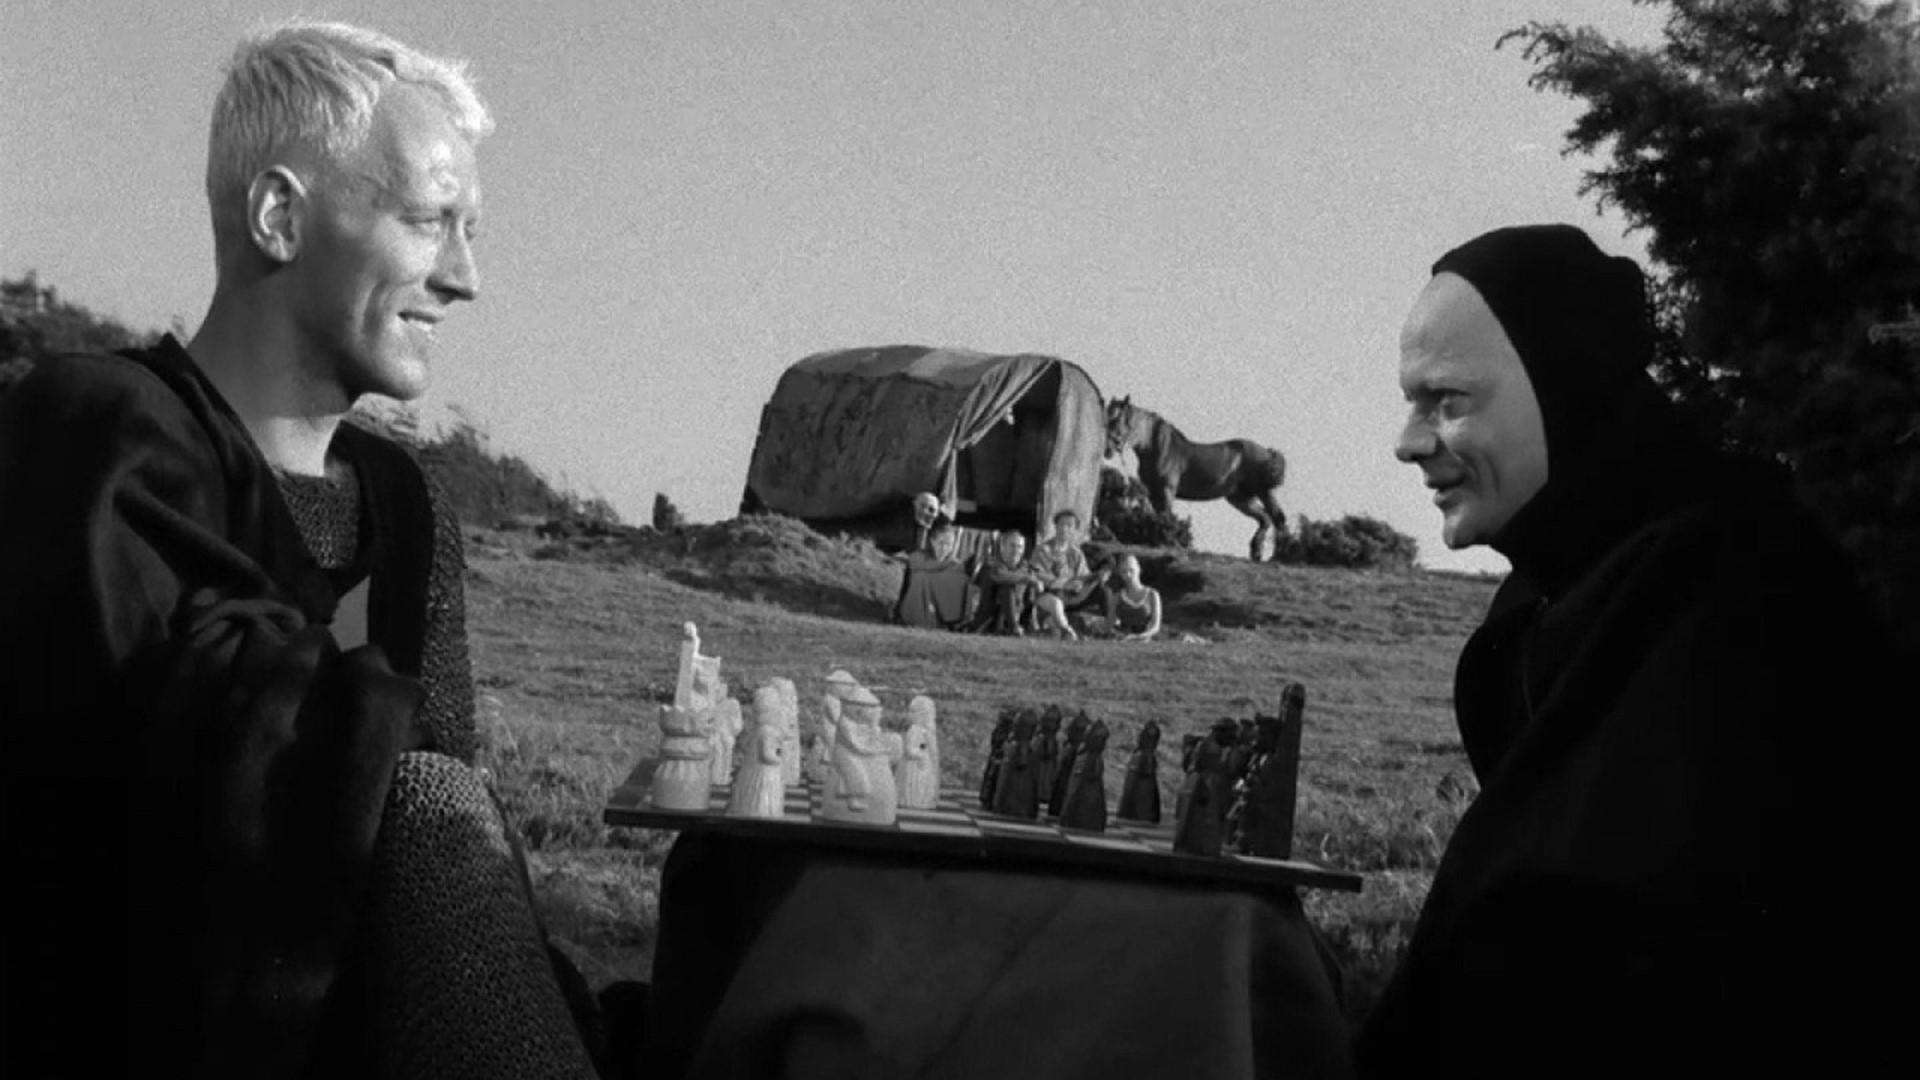 Risultati immagini per il settimo sigillo film 1957